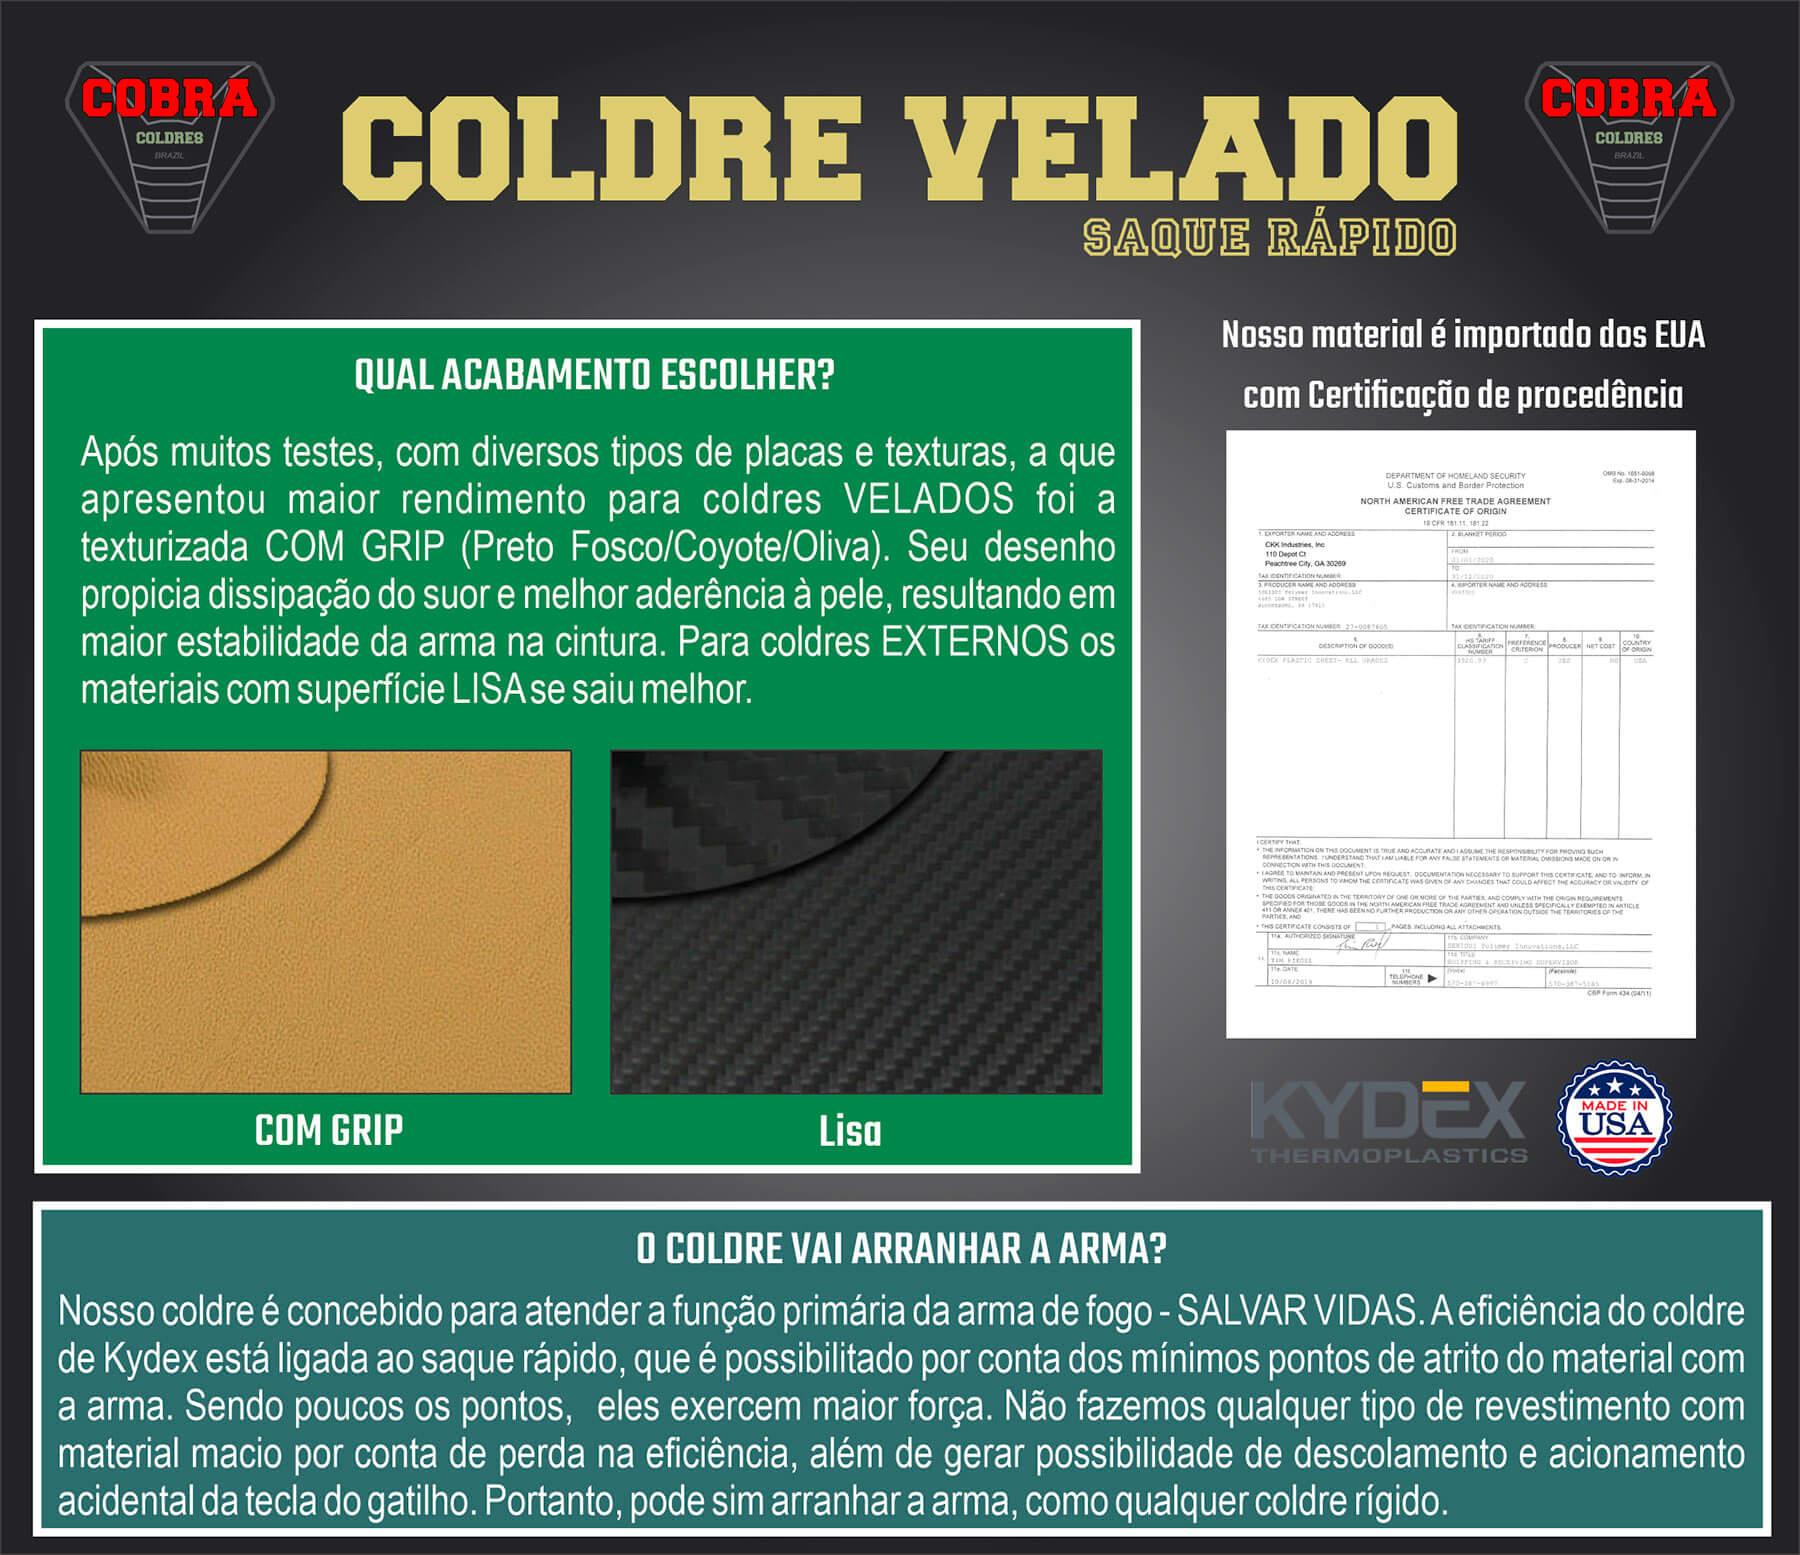 Coldre [24/7] Police / PRO / DS Kydex Slim Saque Rápido Velado ® 080